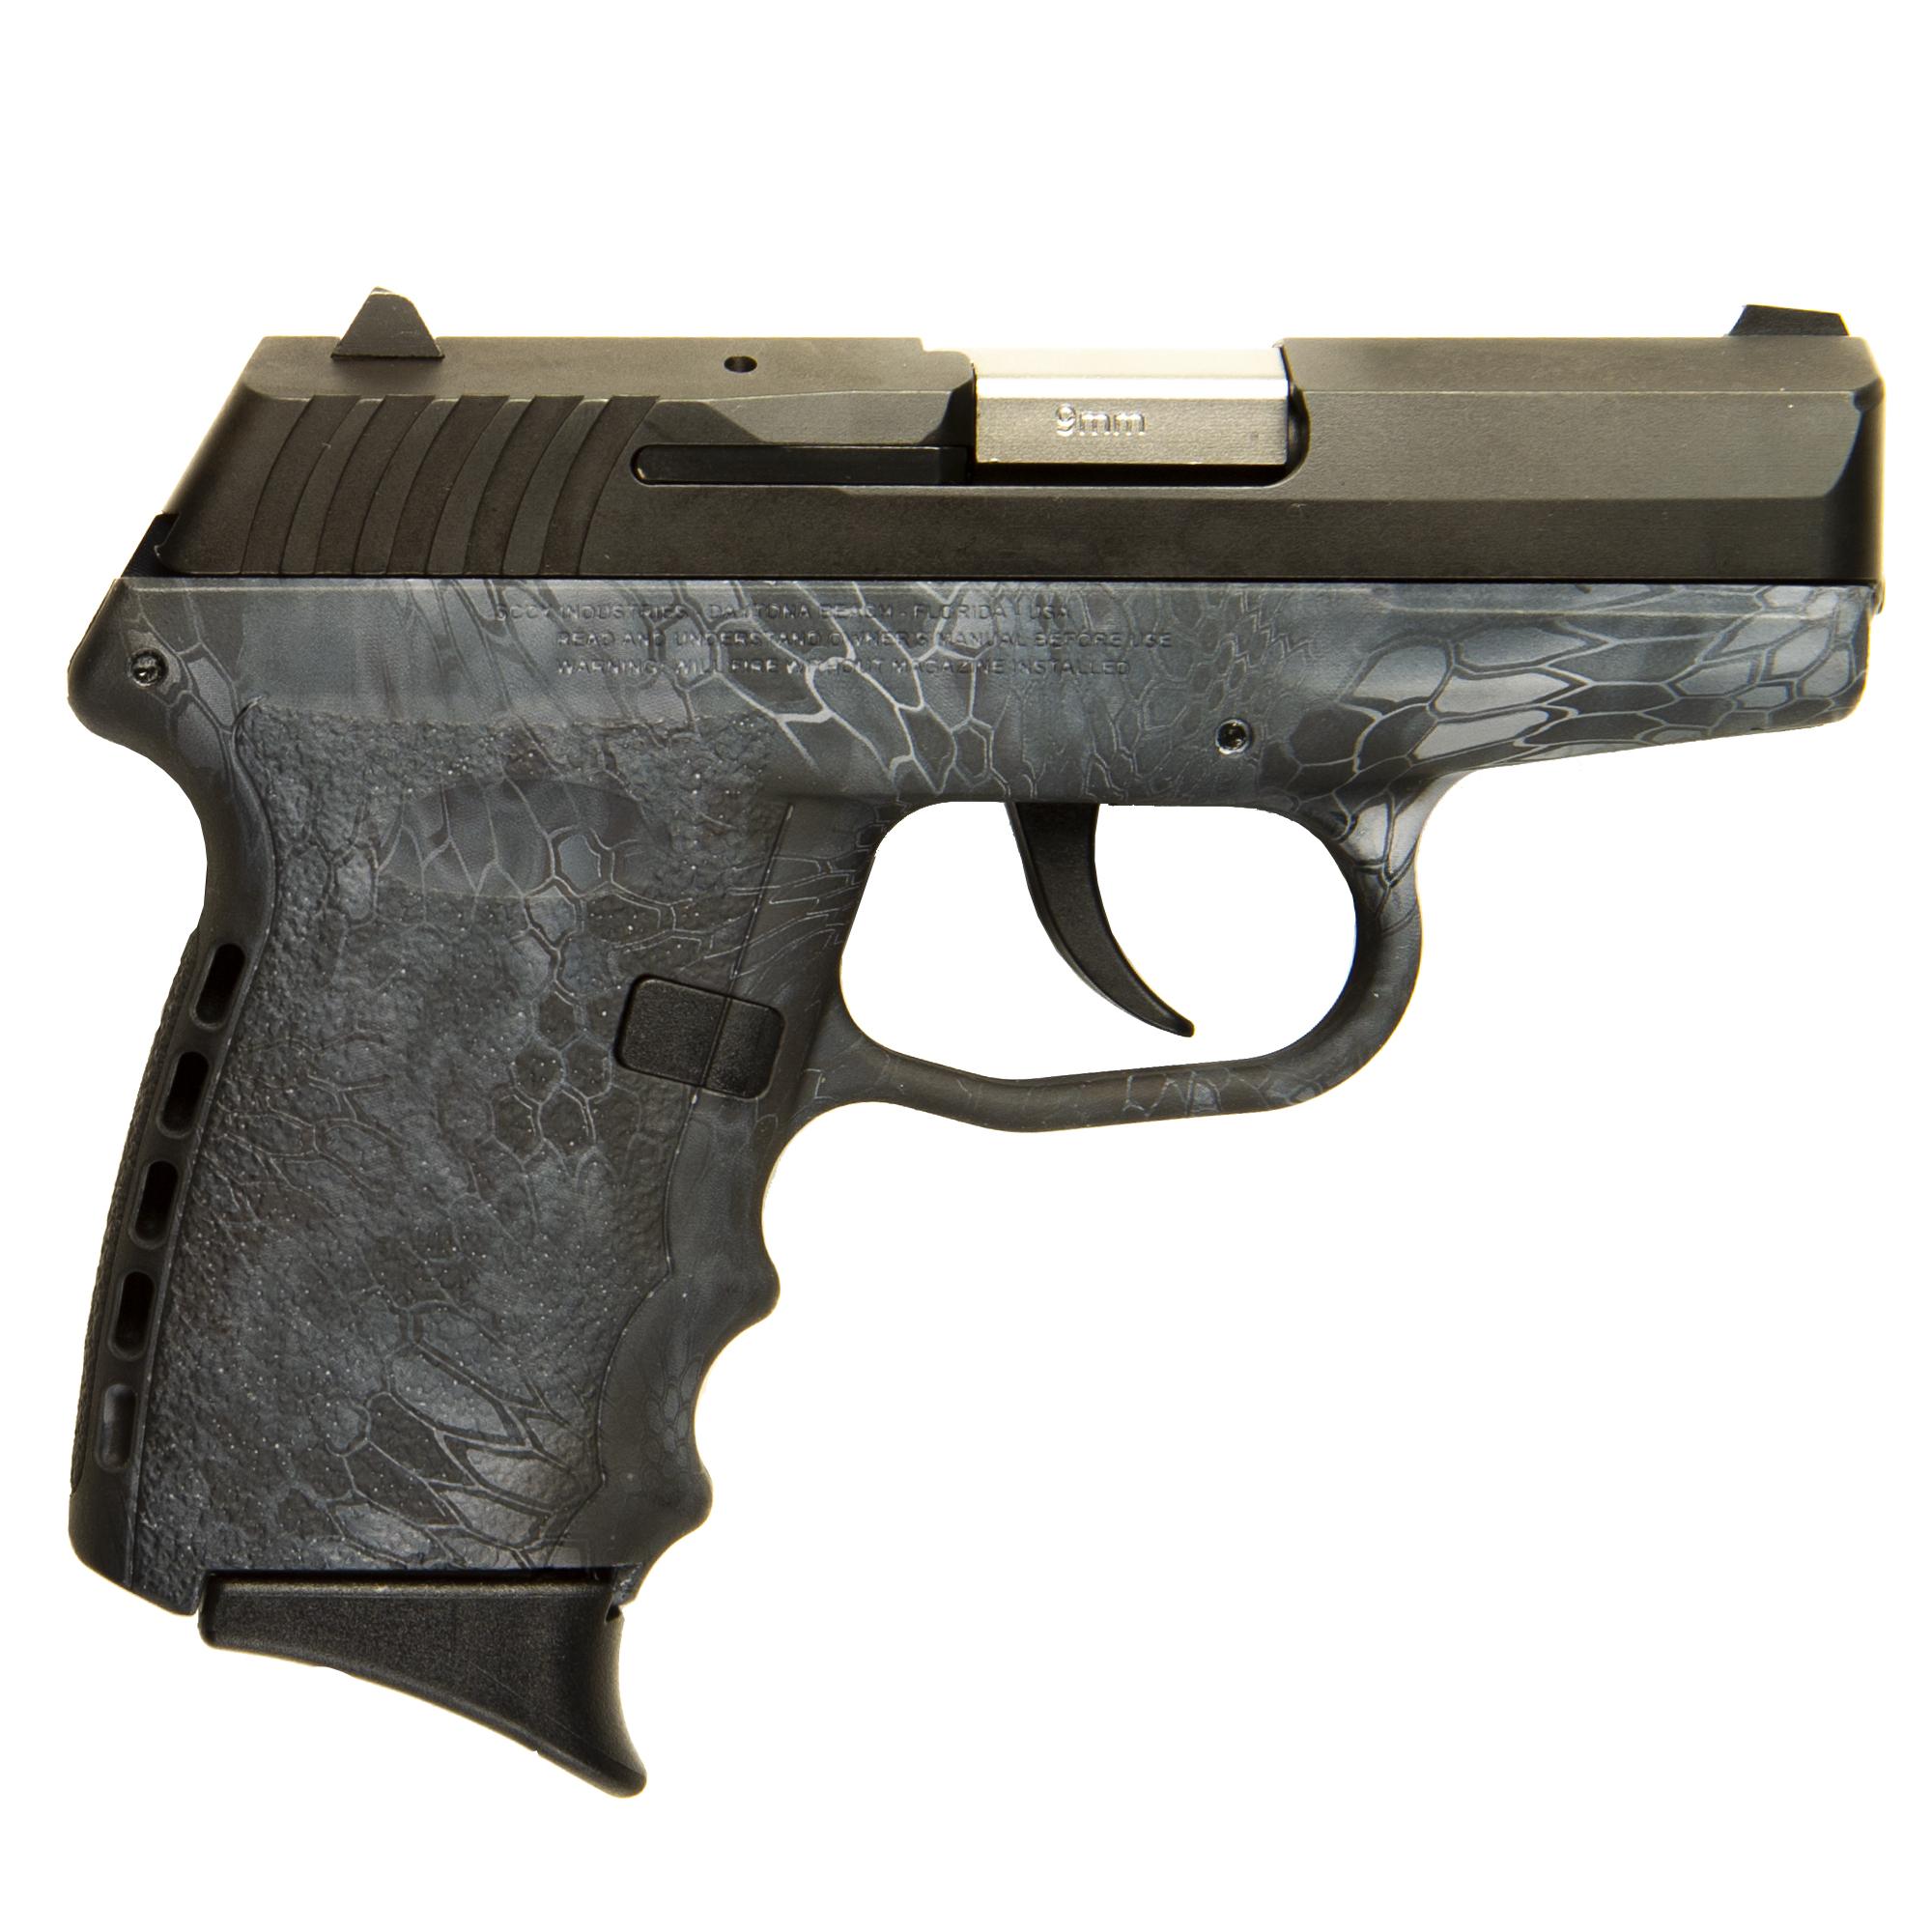 Used SCCY CPX-2 Handgun, 9mm, Kryptek Typhon Grip